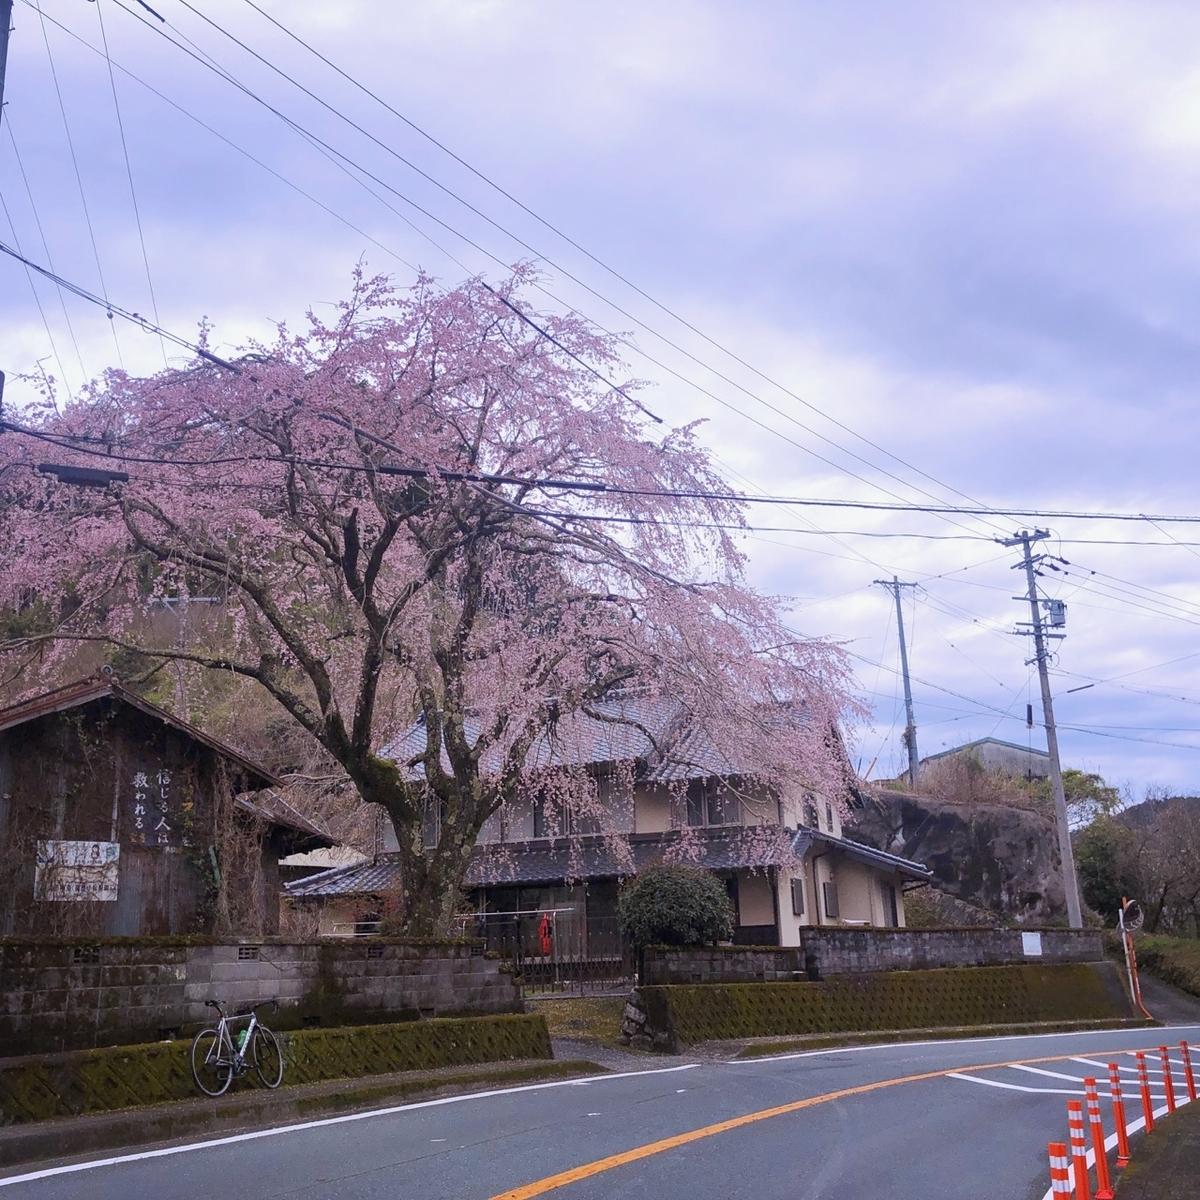 f:id:mick_kamihara:20200328103707j:plain